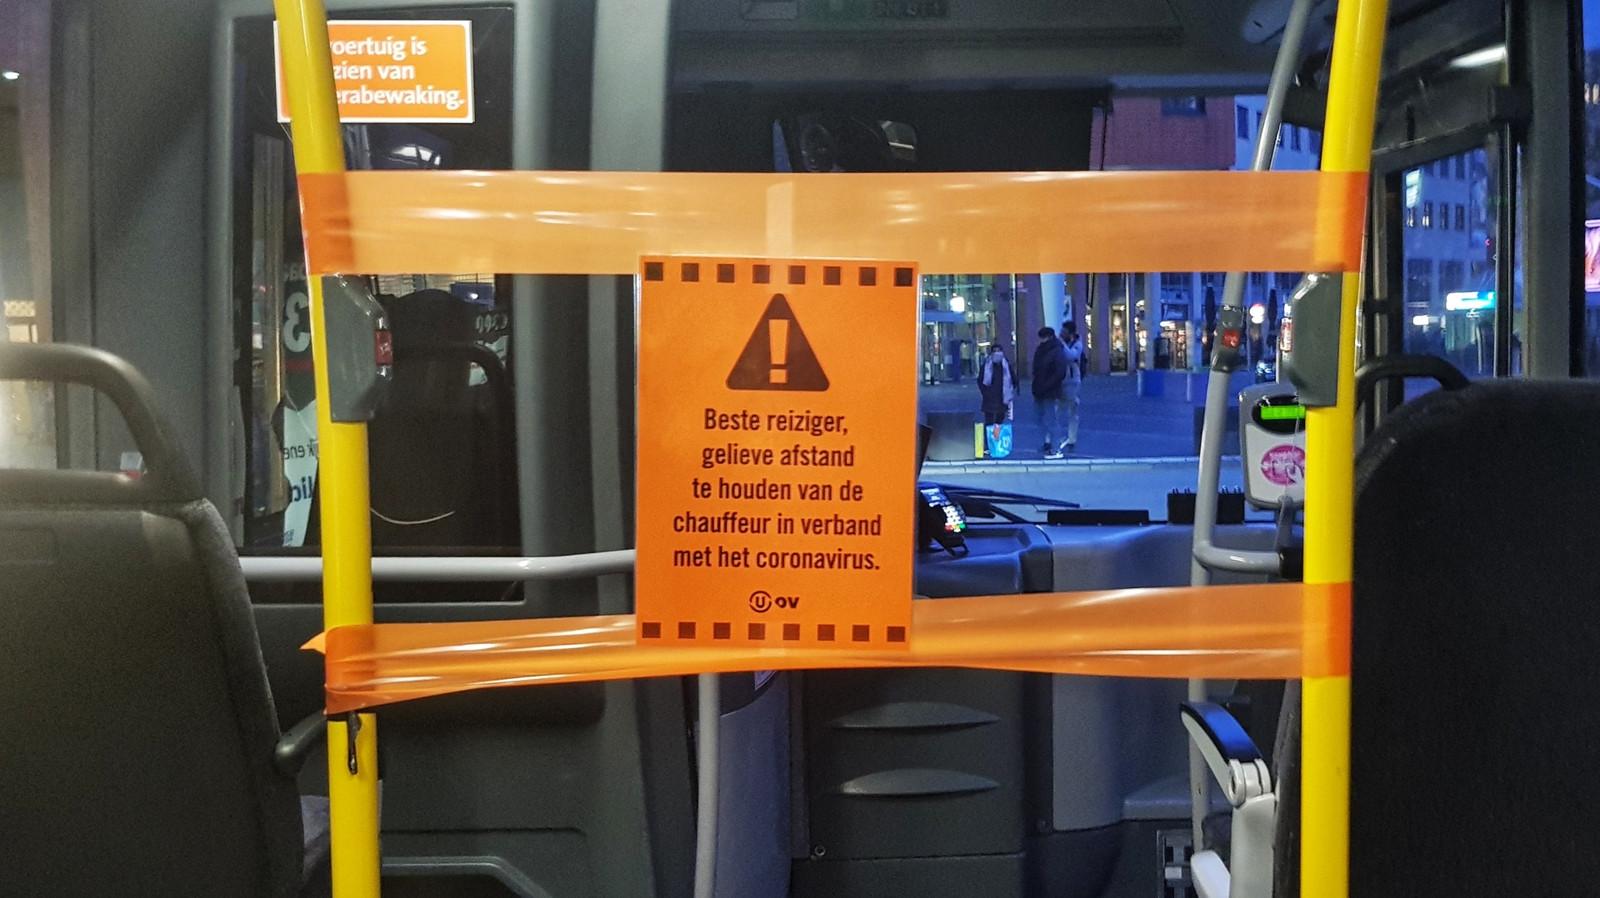 Contact tussen buschauffeur en reiziger wordt al zoveel mogelijk vermeden. Keolis gaat de komende tijd minder rijden om het besmettingsrisico te verminderen.